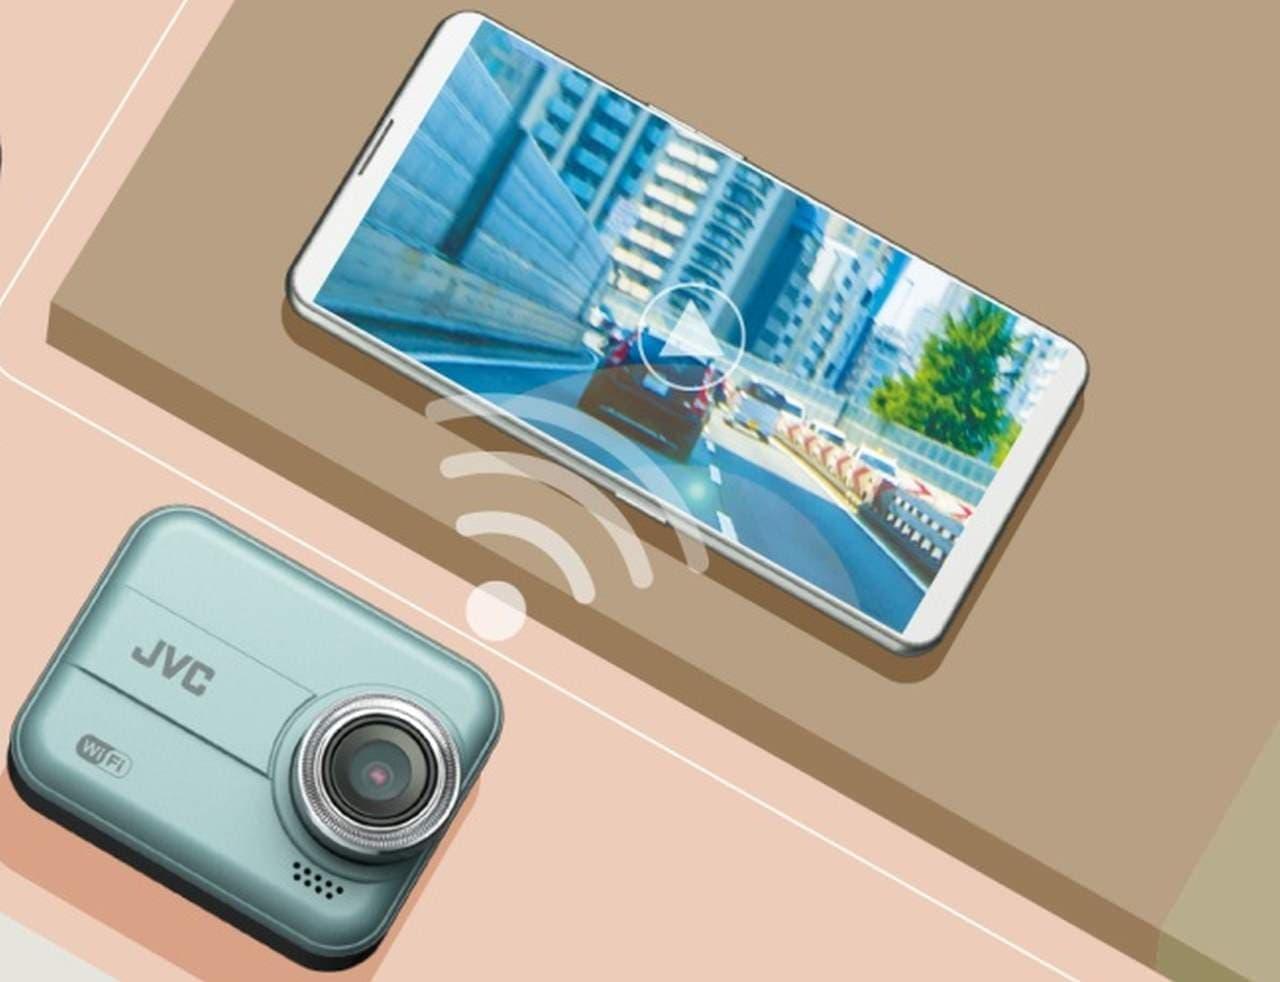 映像をスマホで確認できるドライブレコーダー JVC Everio「GC-DR20」